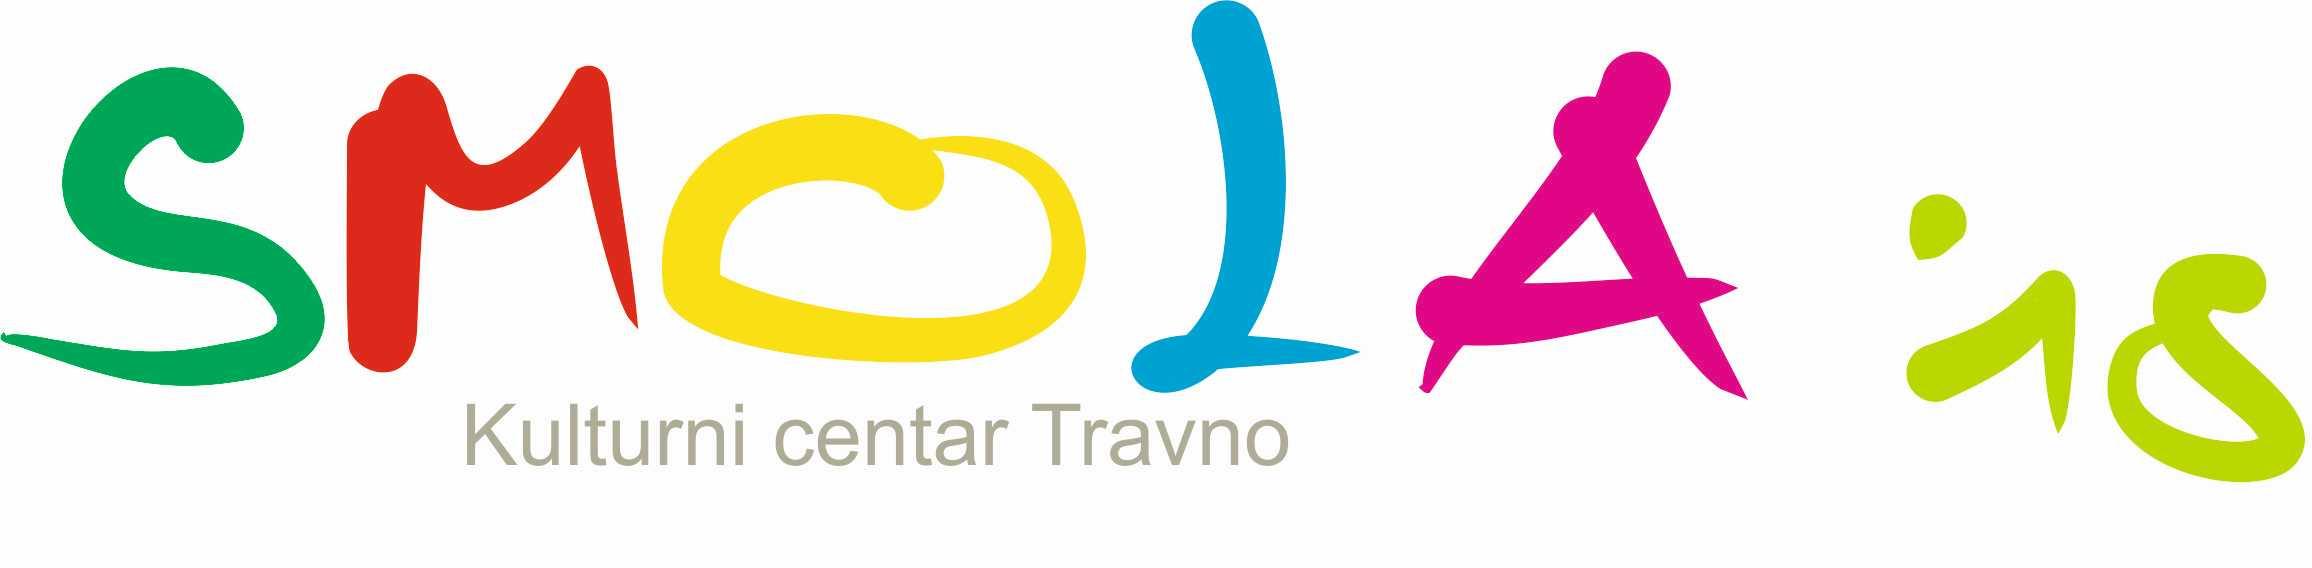 Smola logo